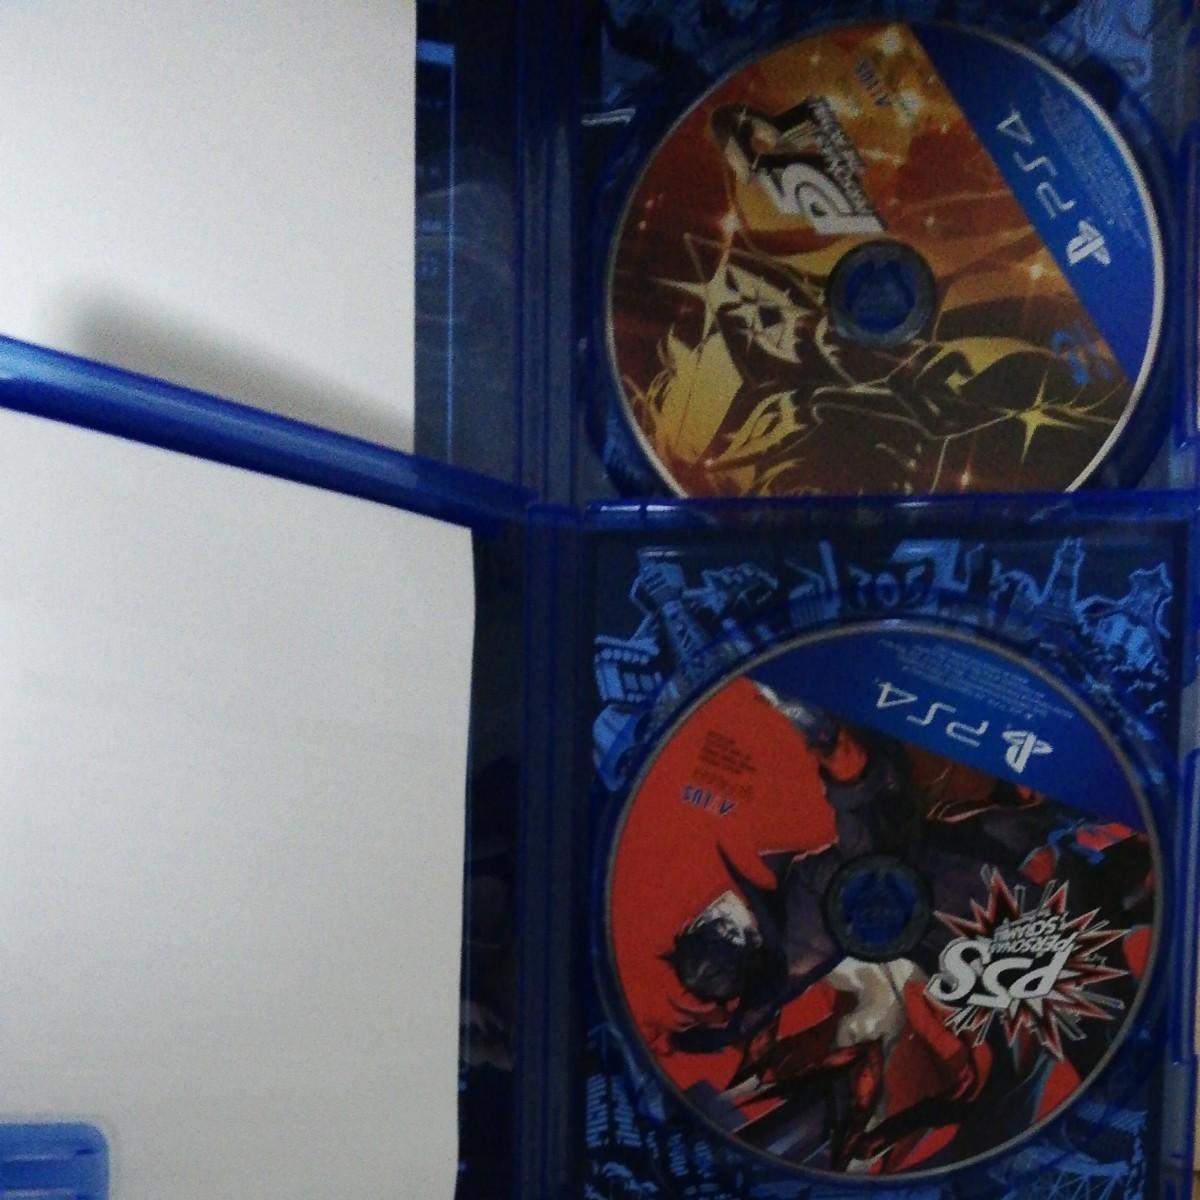 PS4 ペルソナ5 ザ・ロイヤル + ペルソナ5 スクランブル